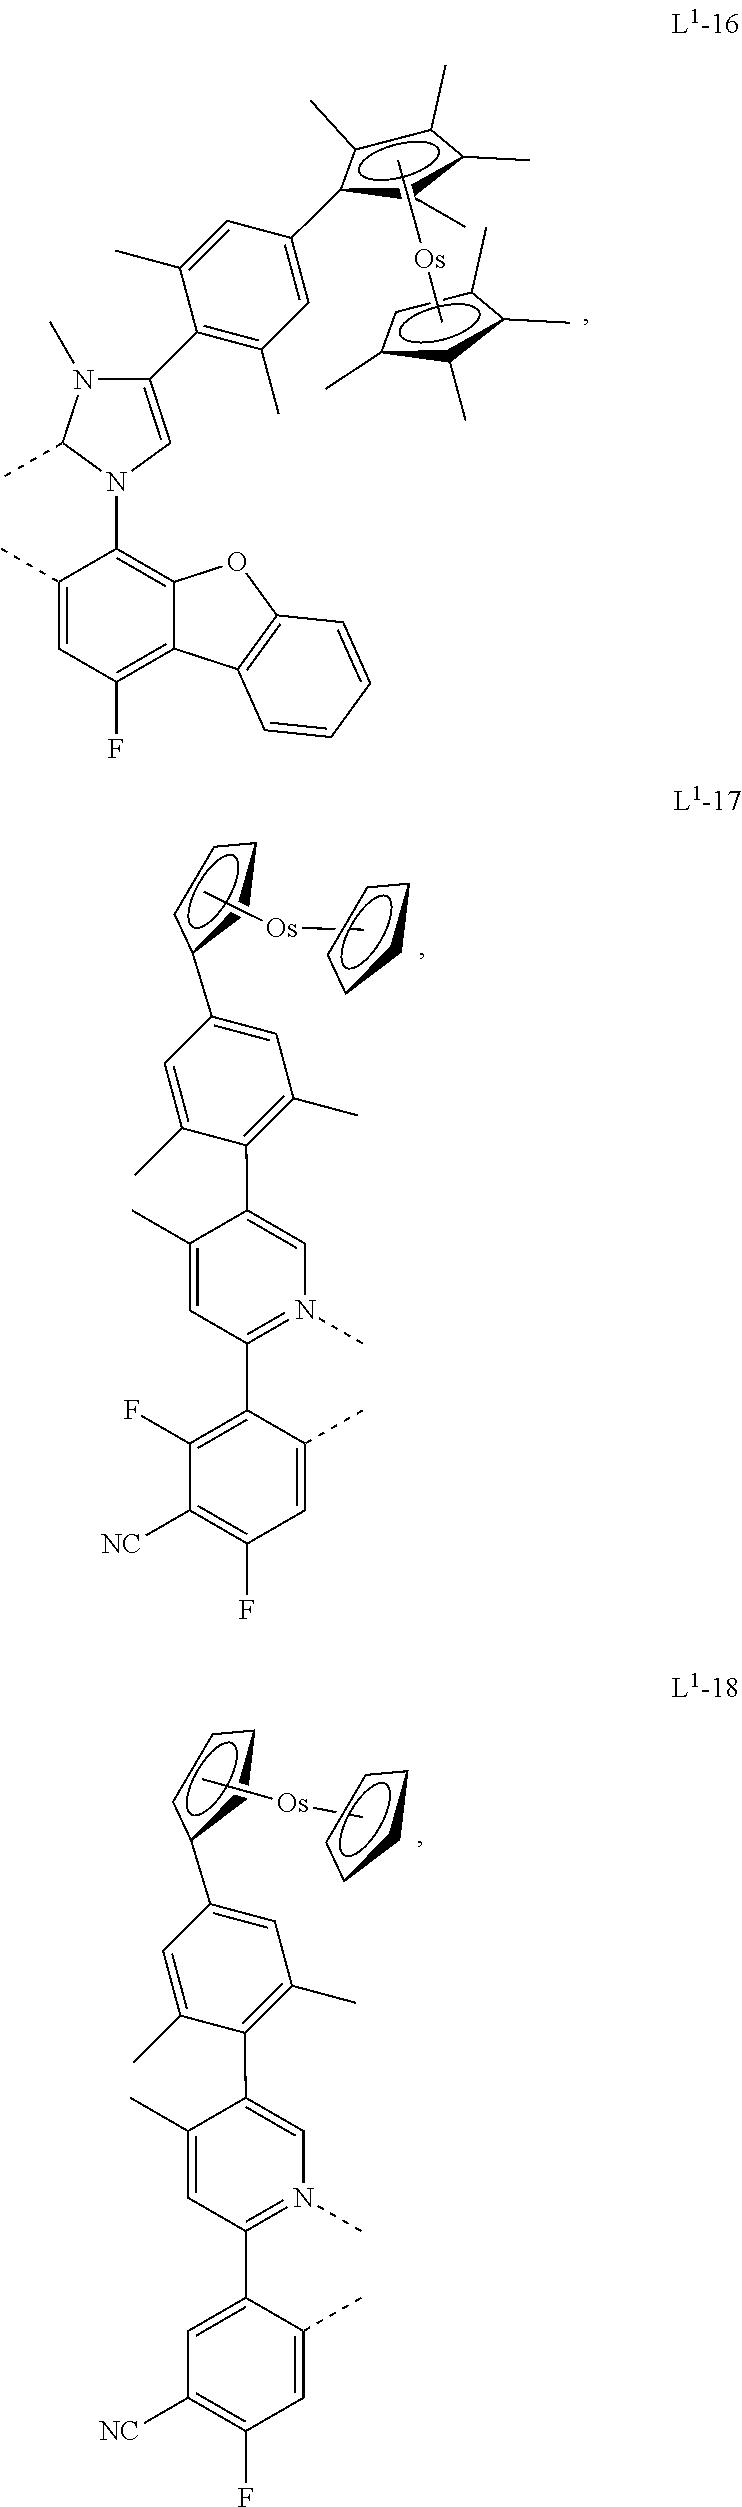 Figure US09450195-20160920-C00016